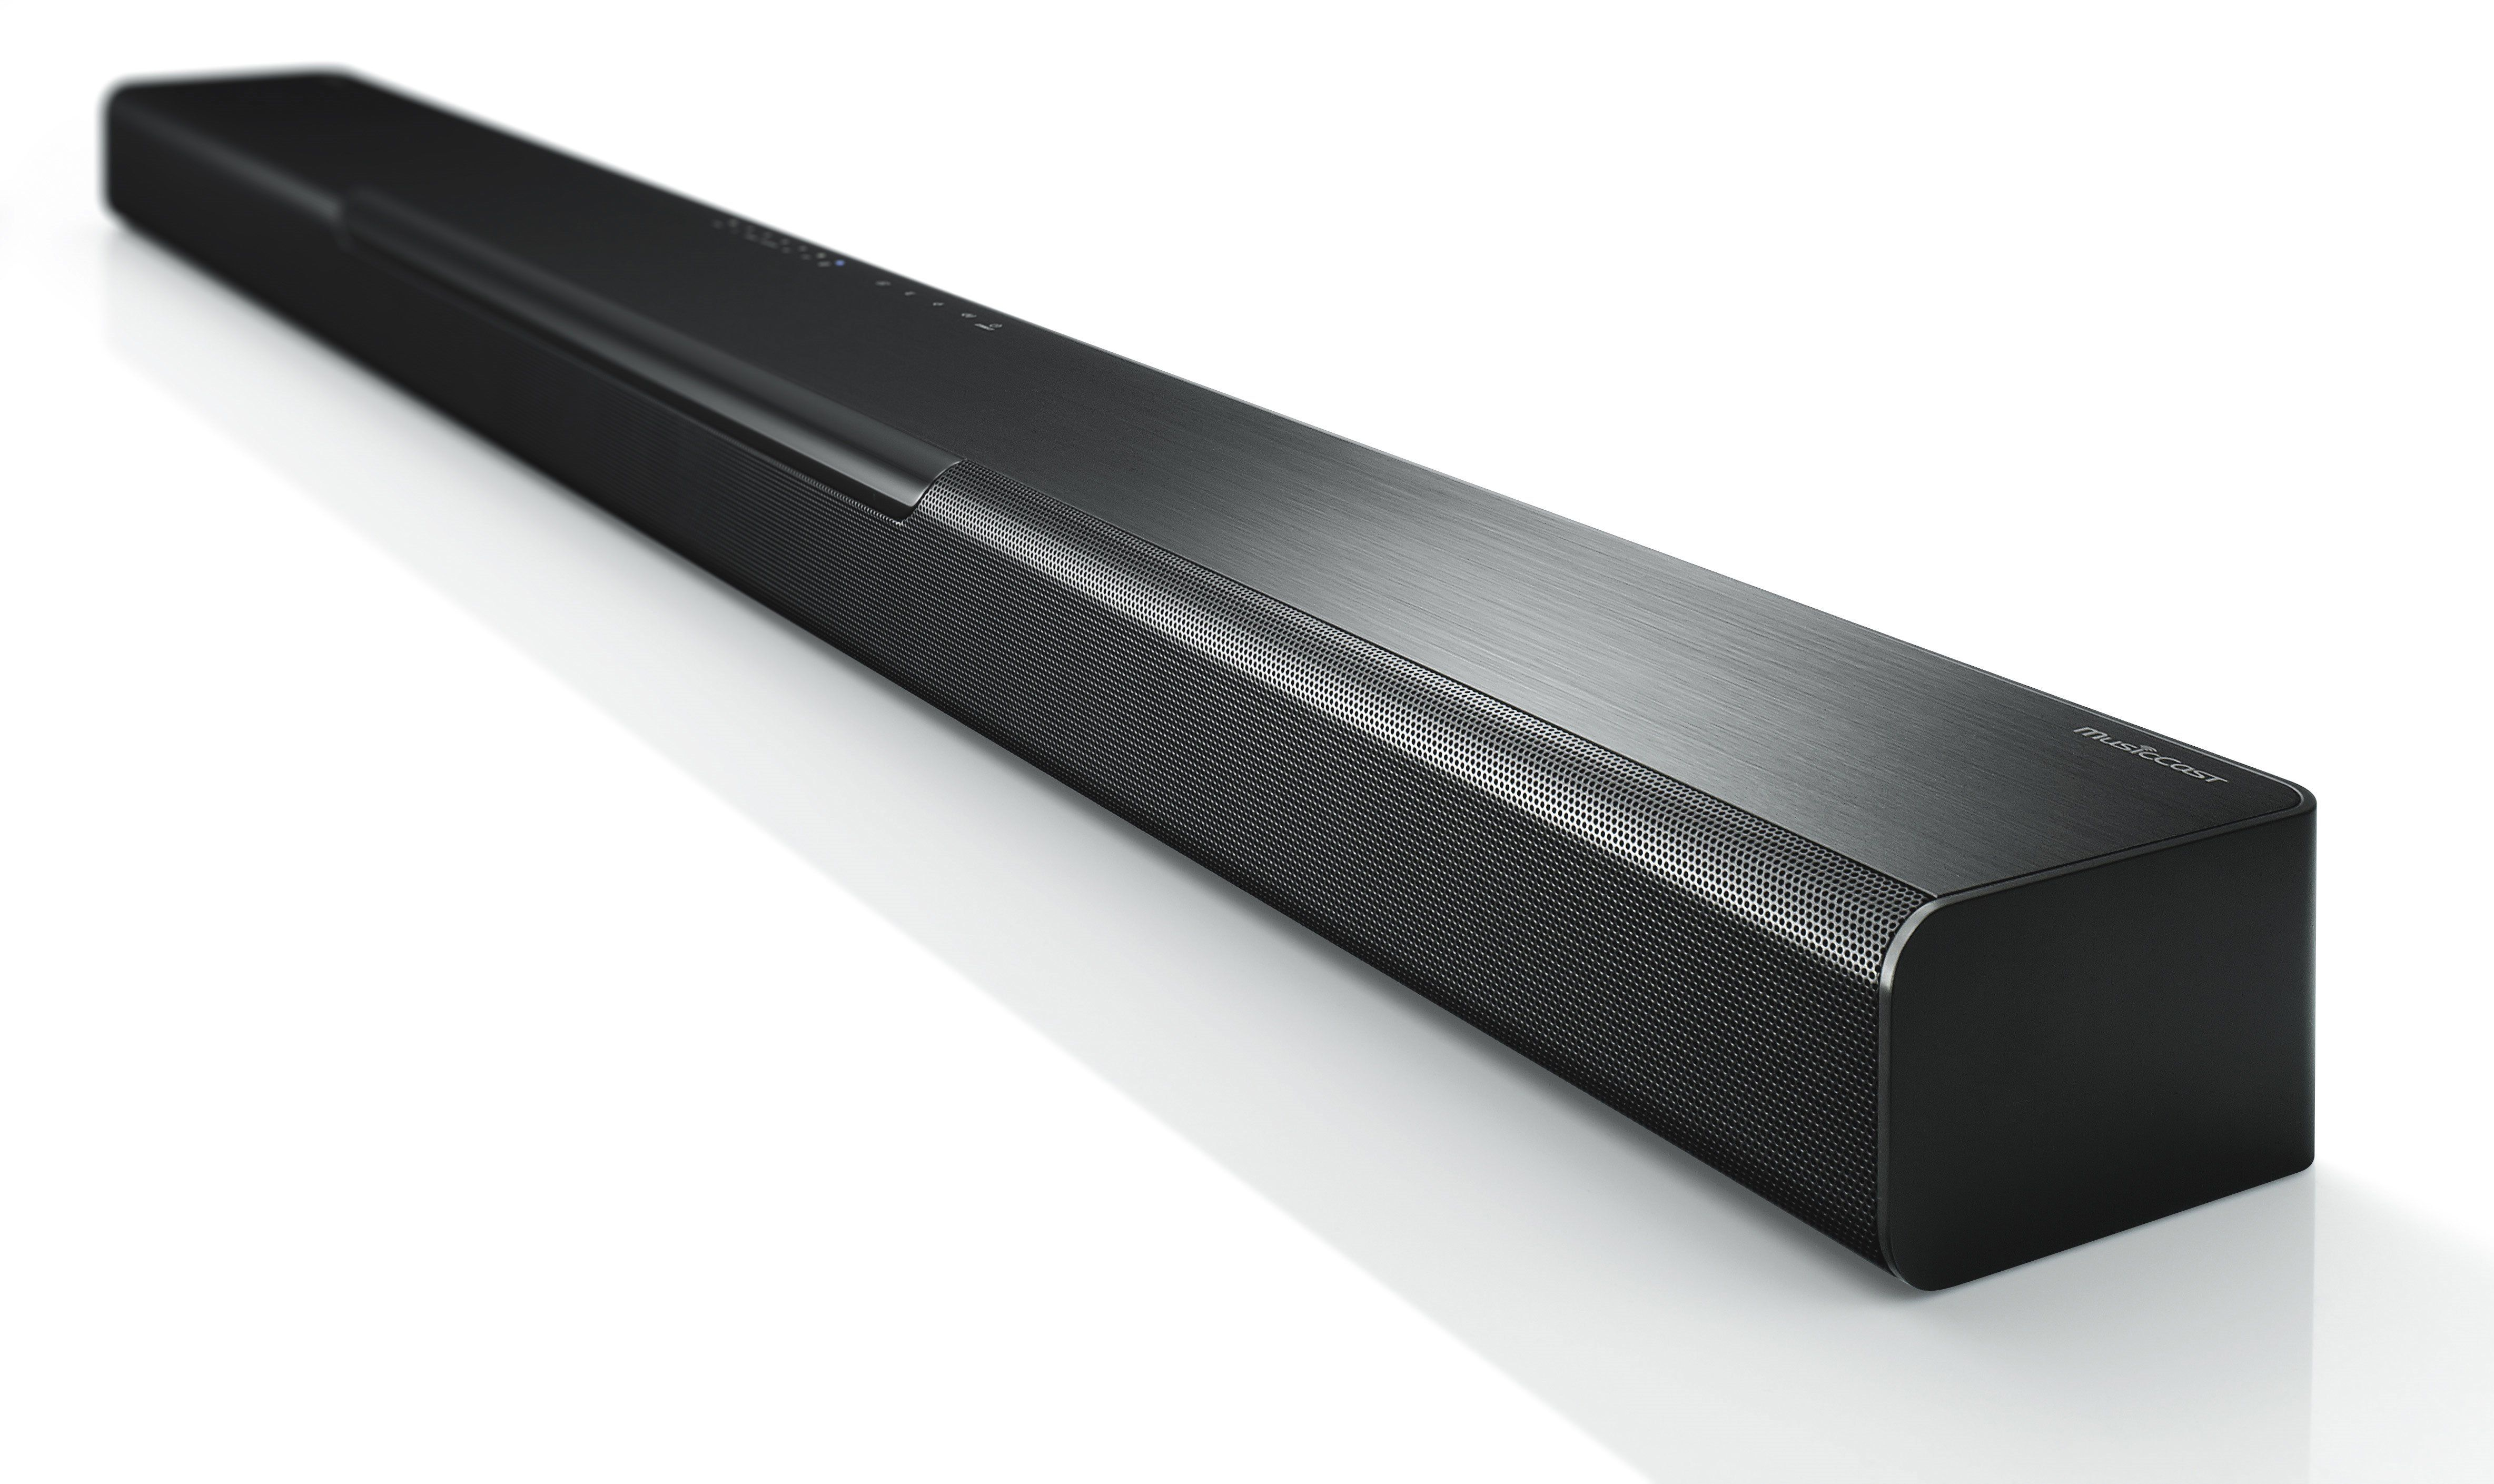 Yamaha Yas 408 Surround Sound Bar Sound Bar Surround Sound Bar Surround Sound